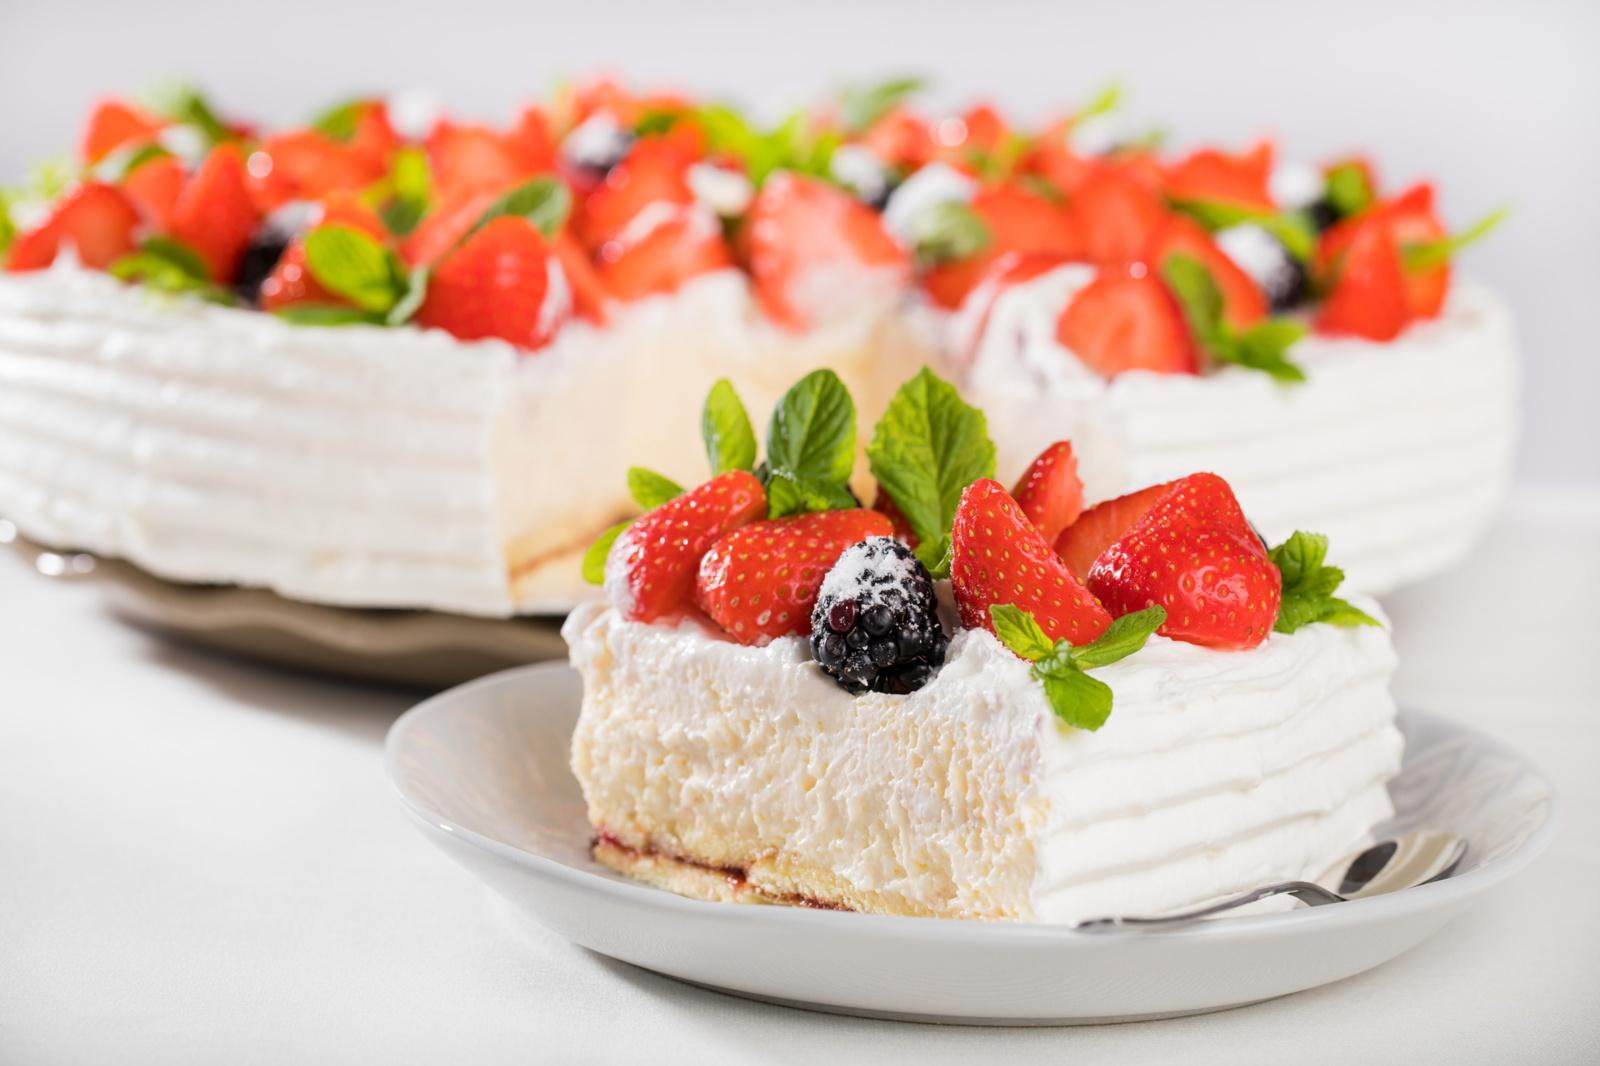 Tarptautinė diena be dietų: populiariausias tortas Lietuvoje – maskarponės